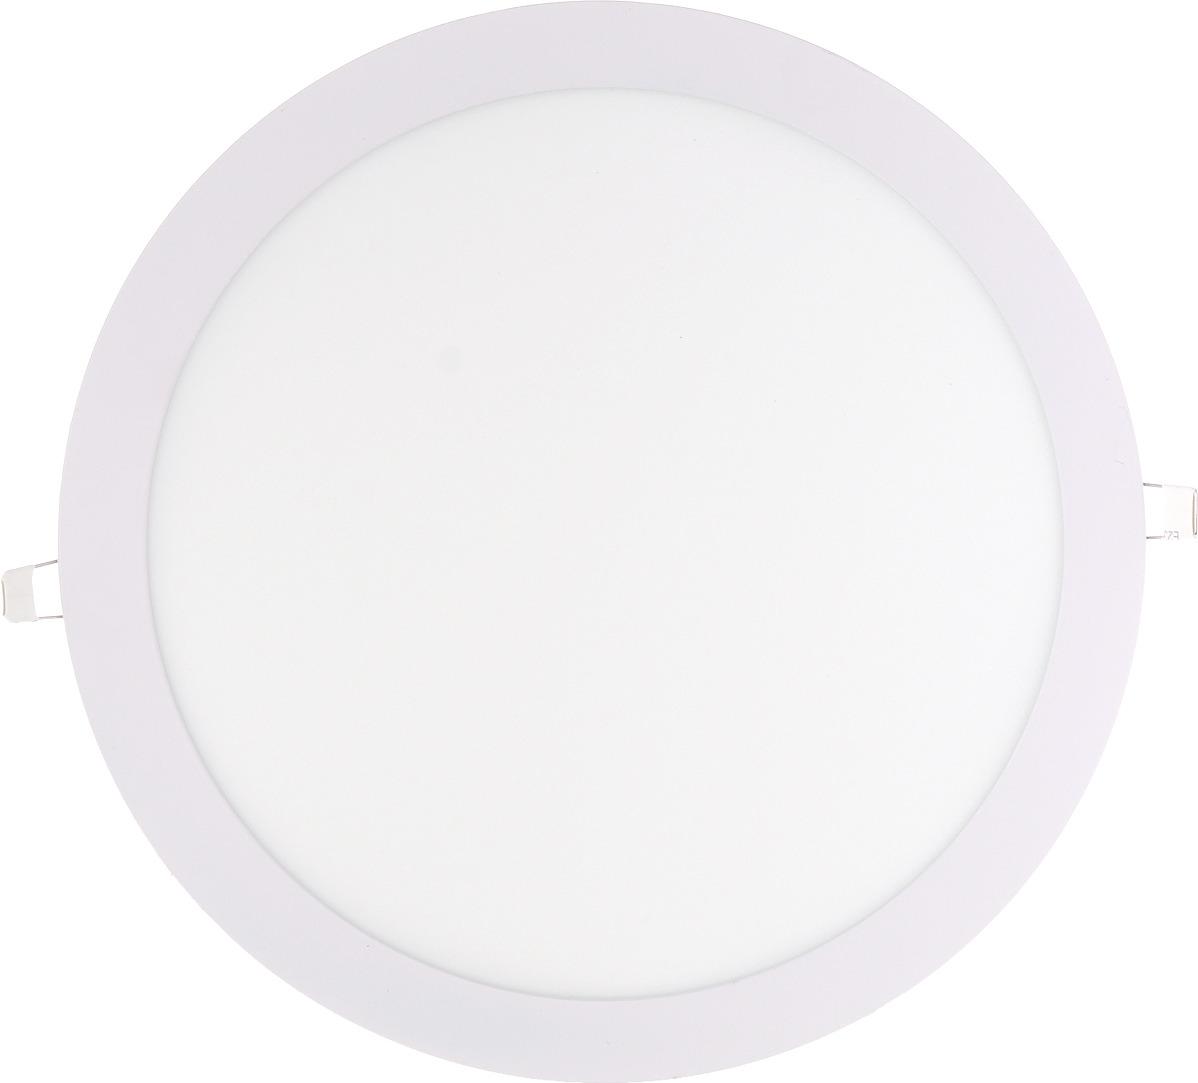 Встраиваемый светильник SmartBuy DL, SBL-DL-24-4K, белый